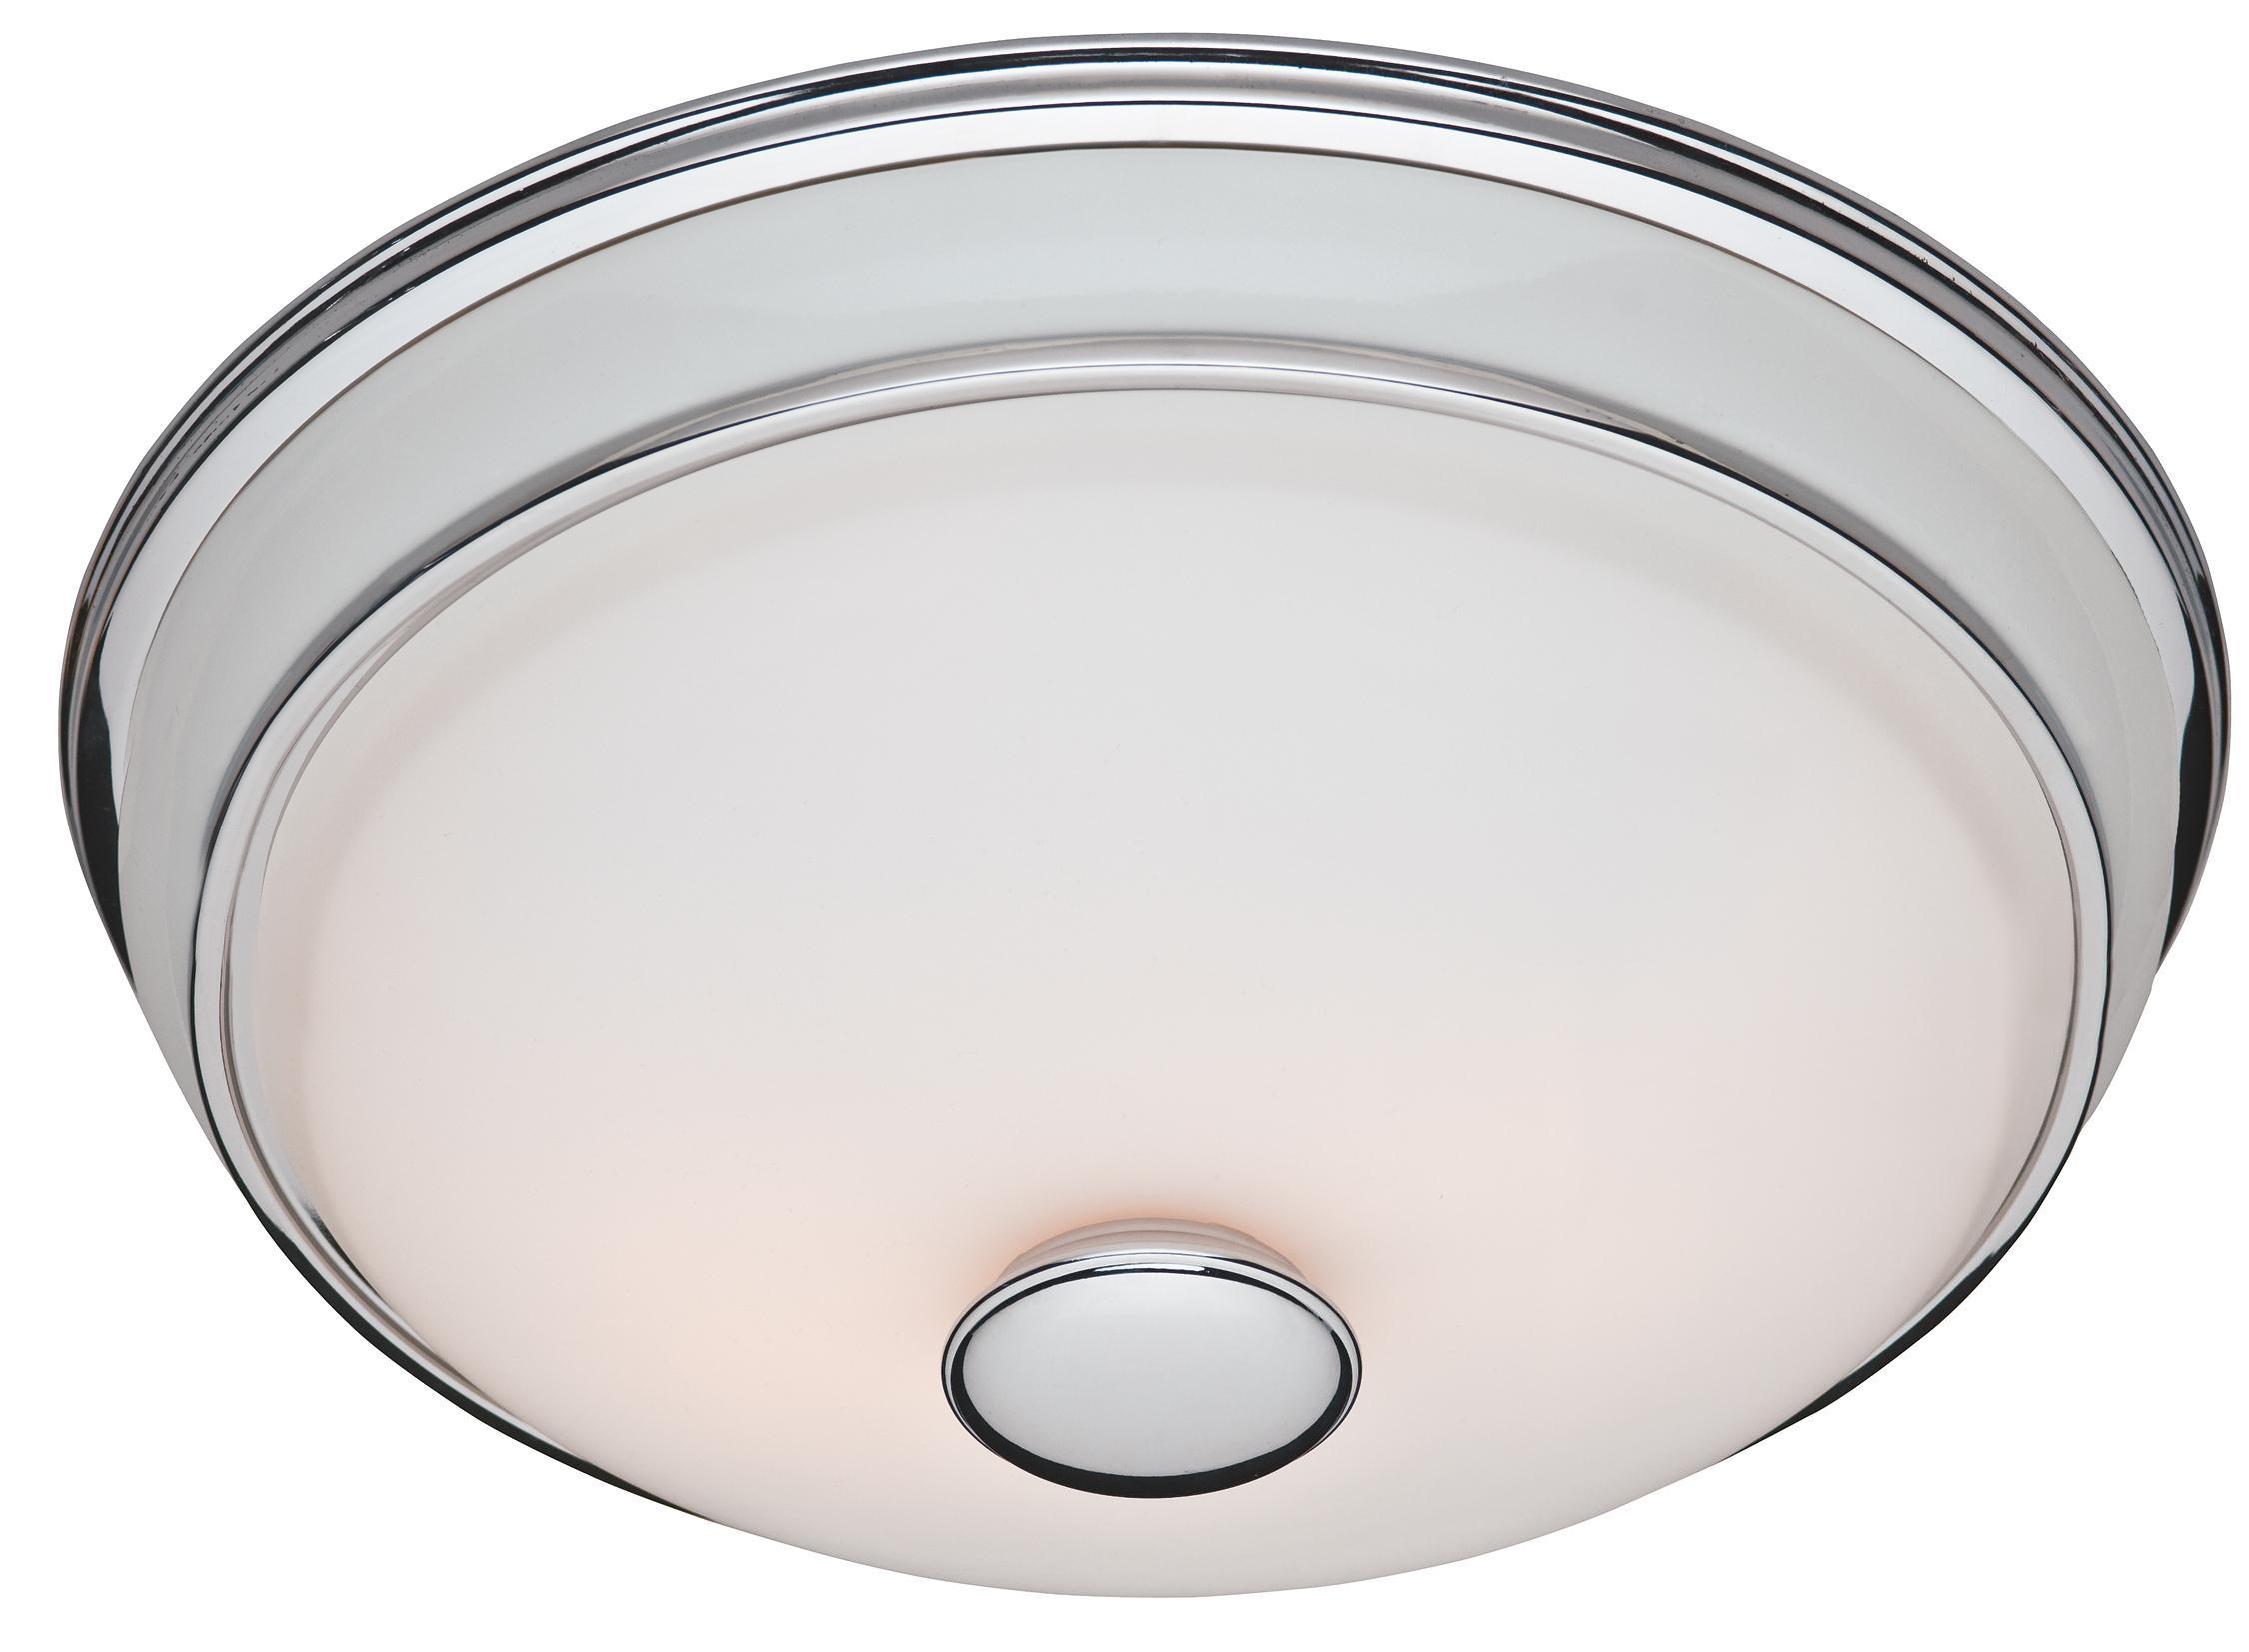 Quiet Bathroom Exhaust Fan Light